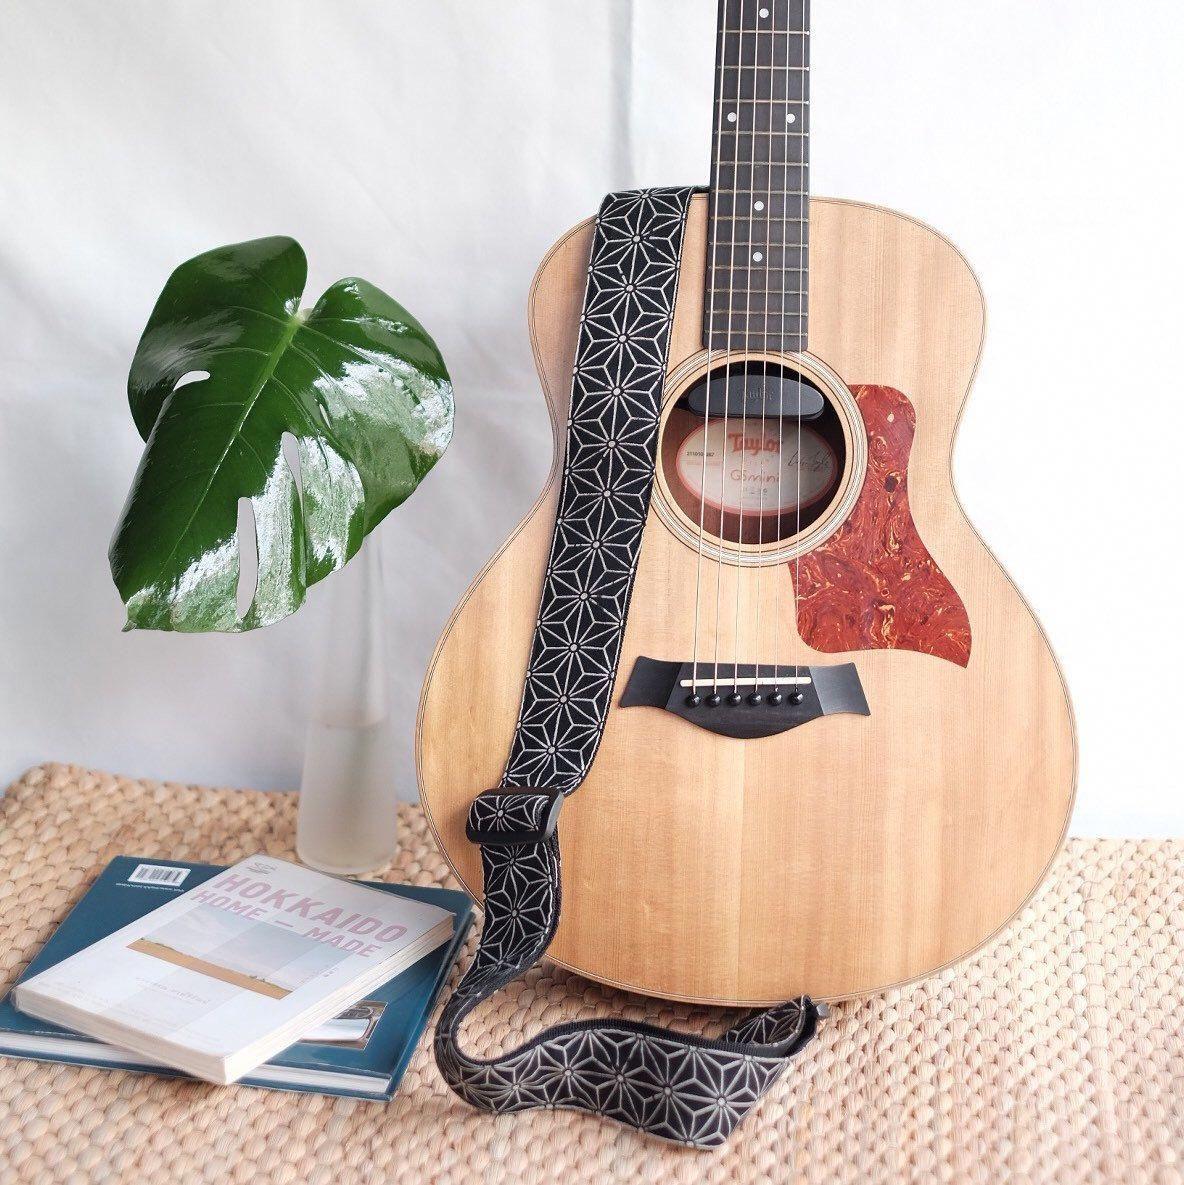 17 Awesome Guitar Picks Glow In The Dark Guitargasm Guitarpicks Guitar Music Instruments Guitar Learn Guitar